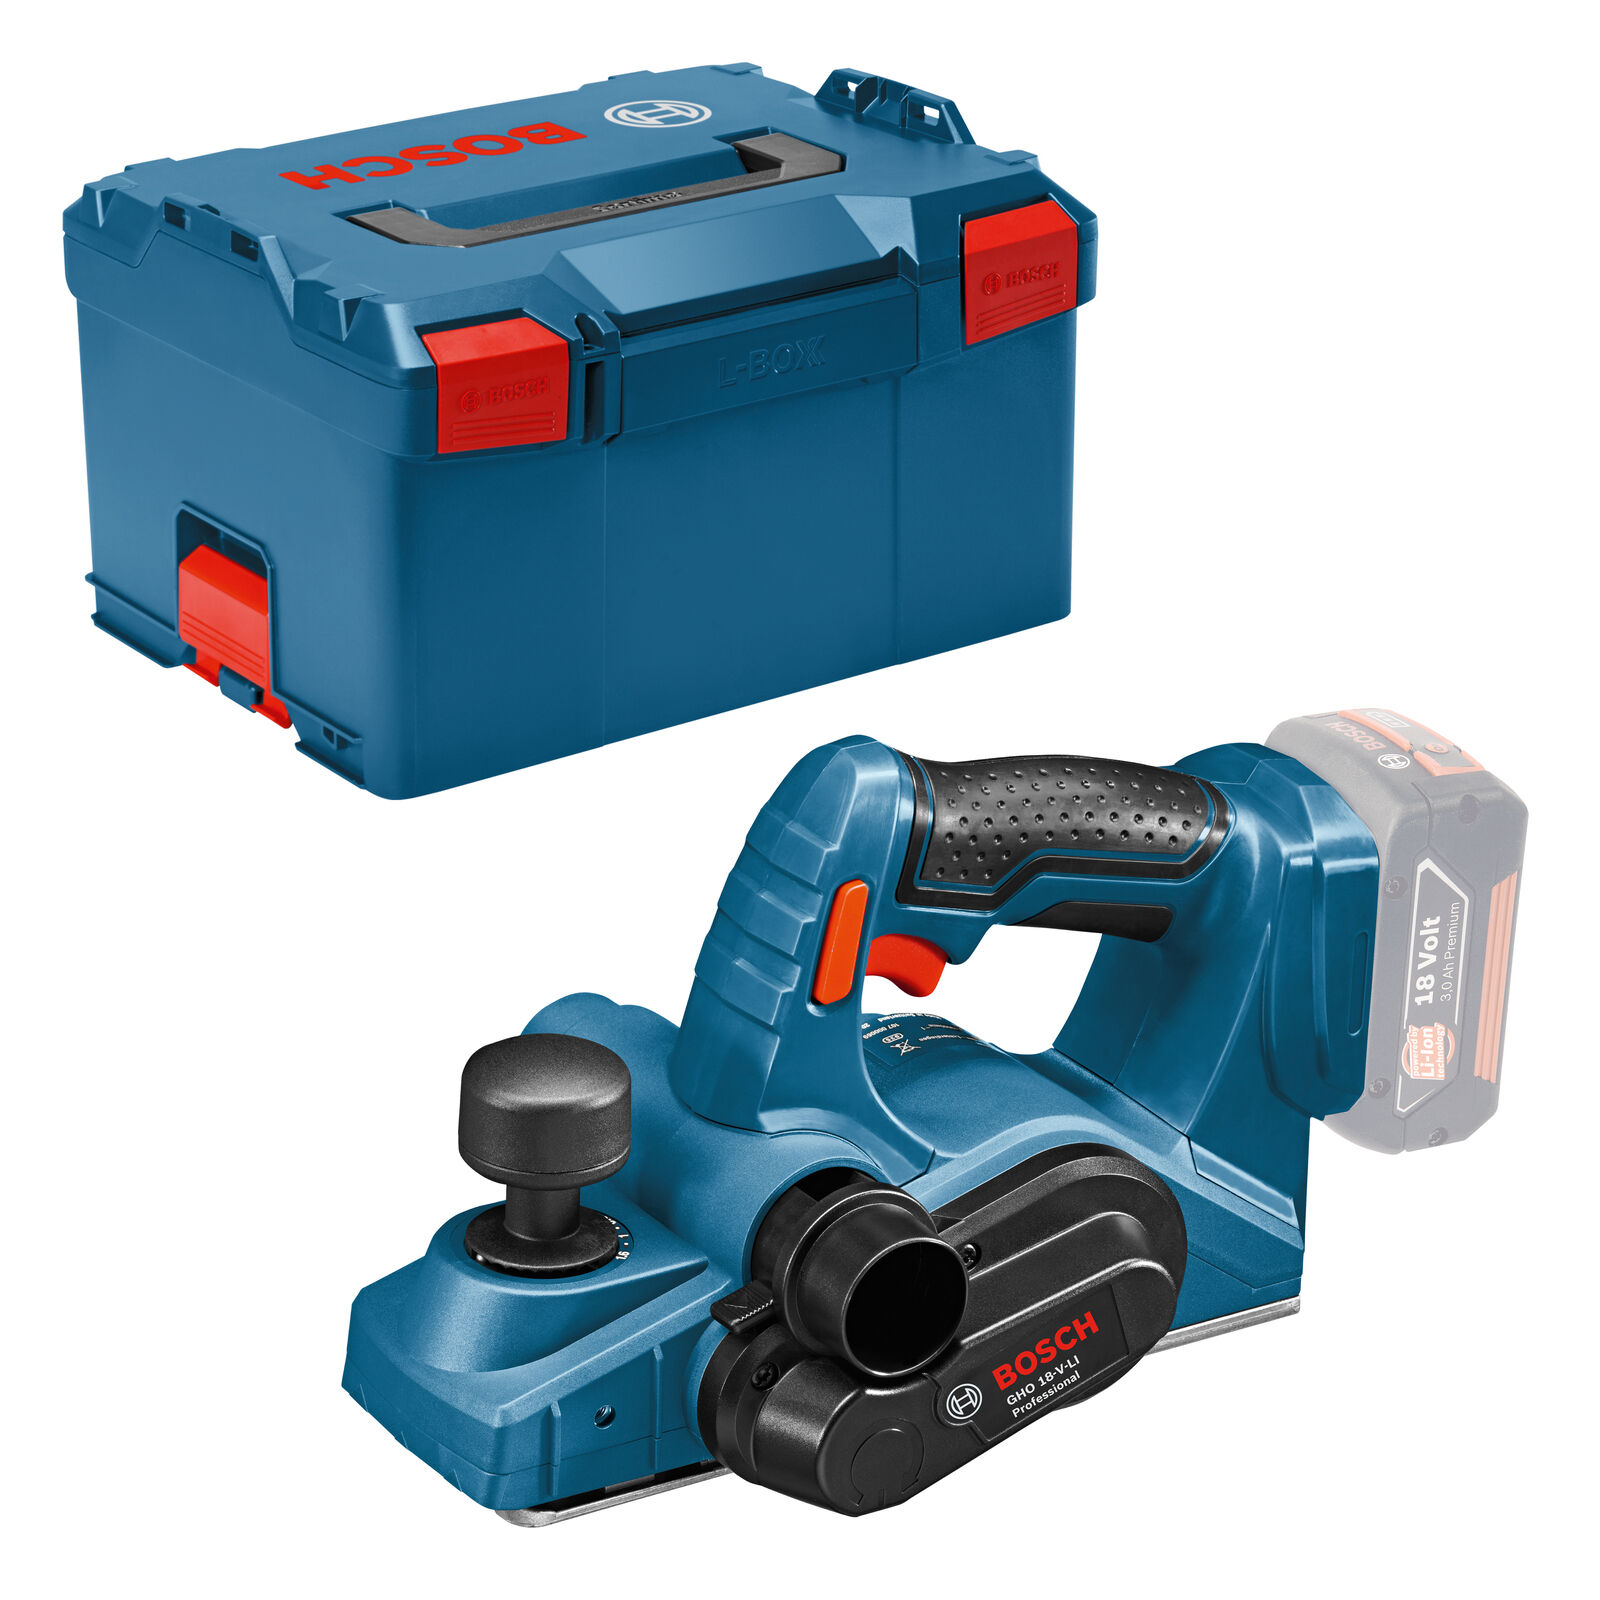 Bosch Akku-Hobel GHO 18 V-LI Professional ohne Akku ohne Lader in L-BOXX Gr. 3